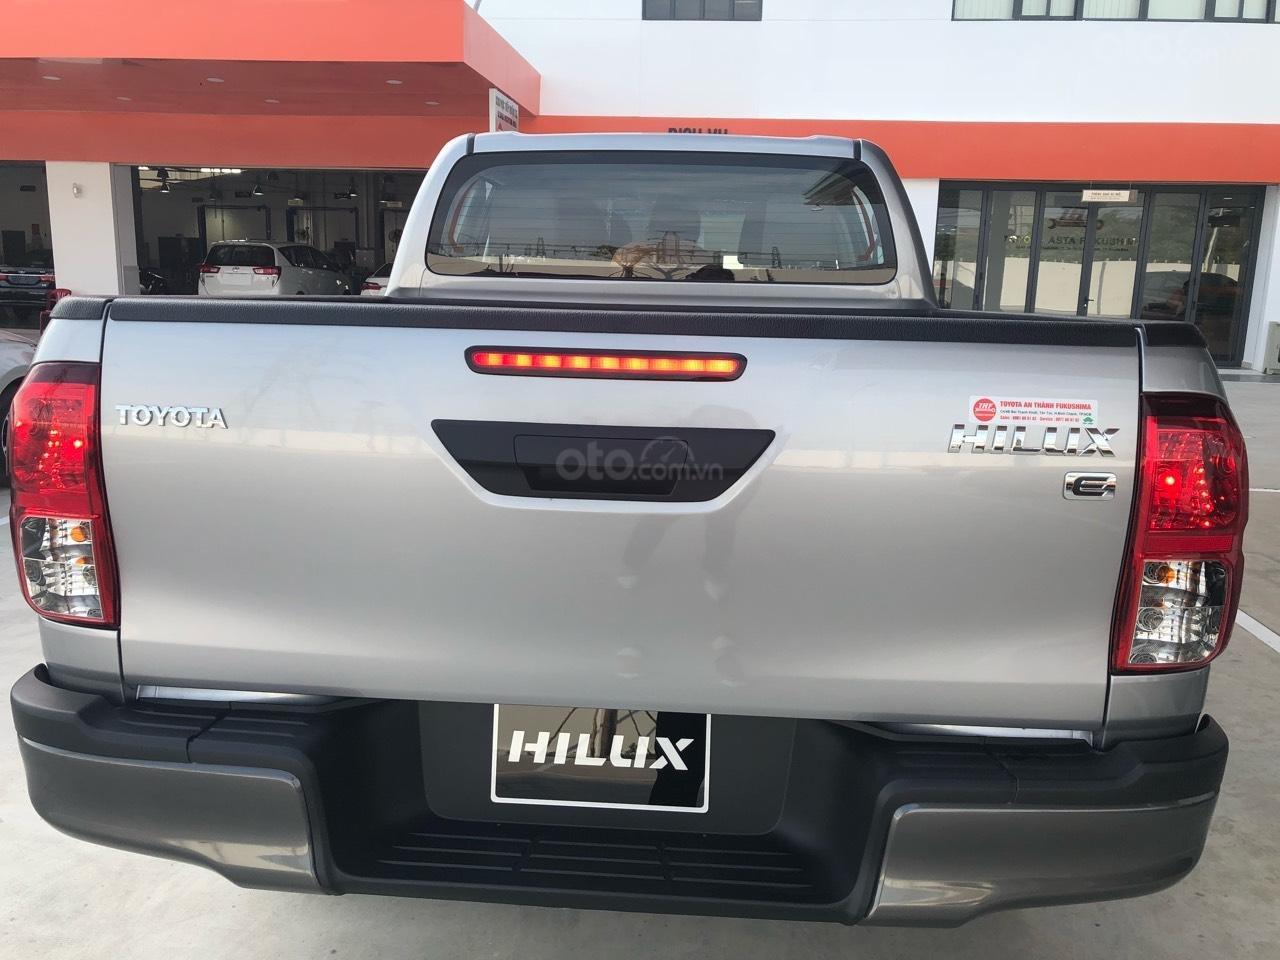 Bán Toyota Hilux 2.4 số sàn đời 2019, màu bạc, nhập khẩu nguyên chiếc (3)